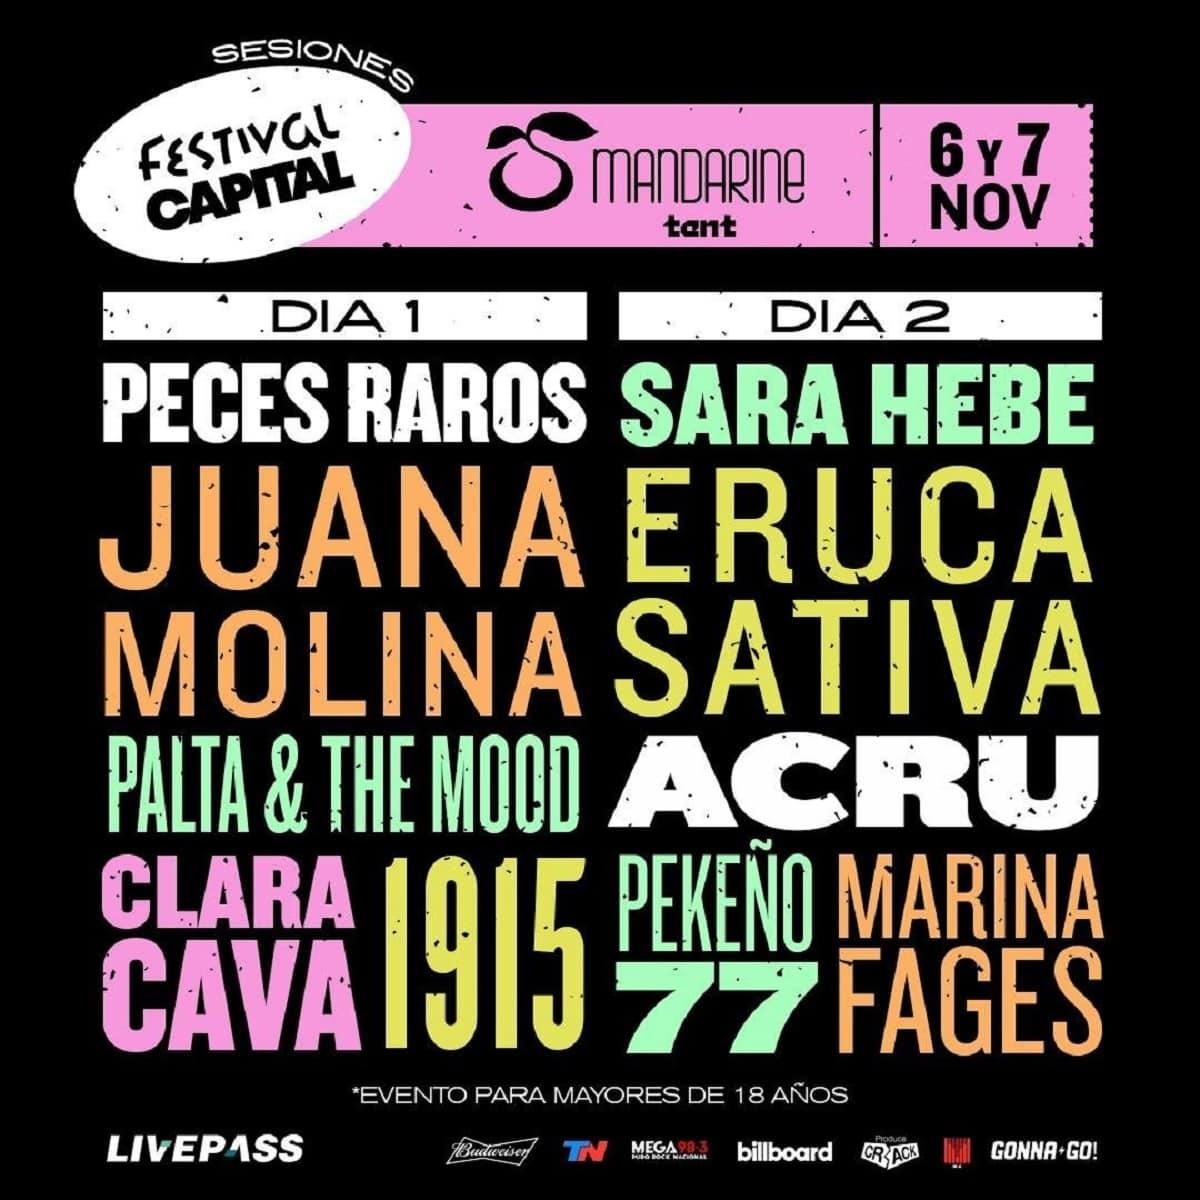 El line-up del Festival Capital.